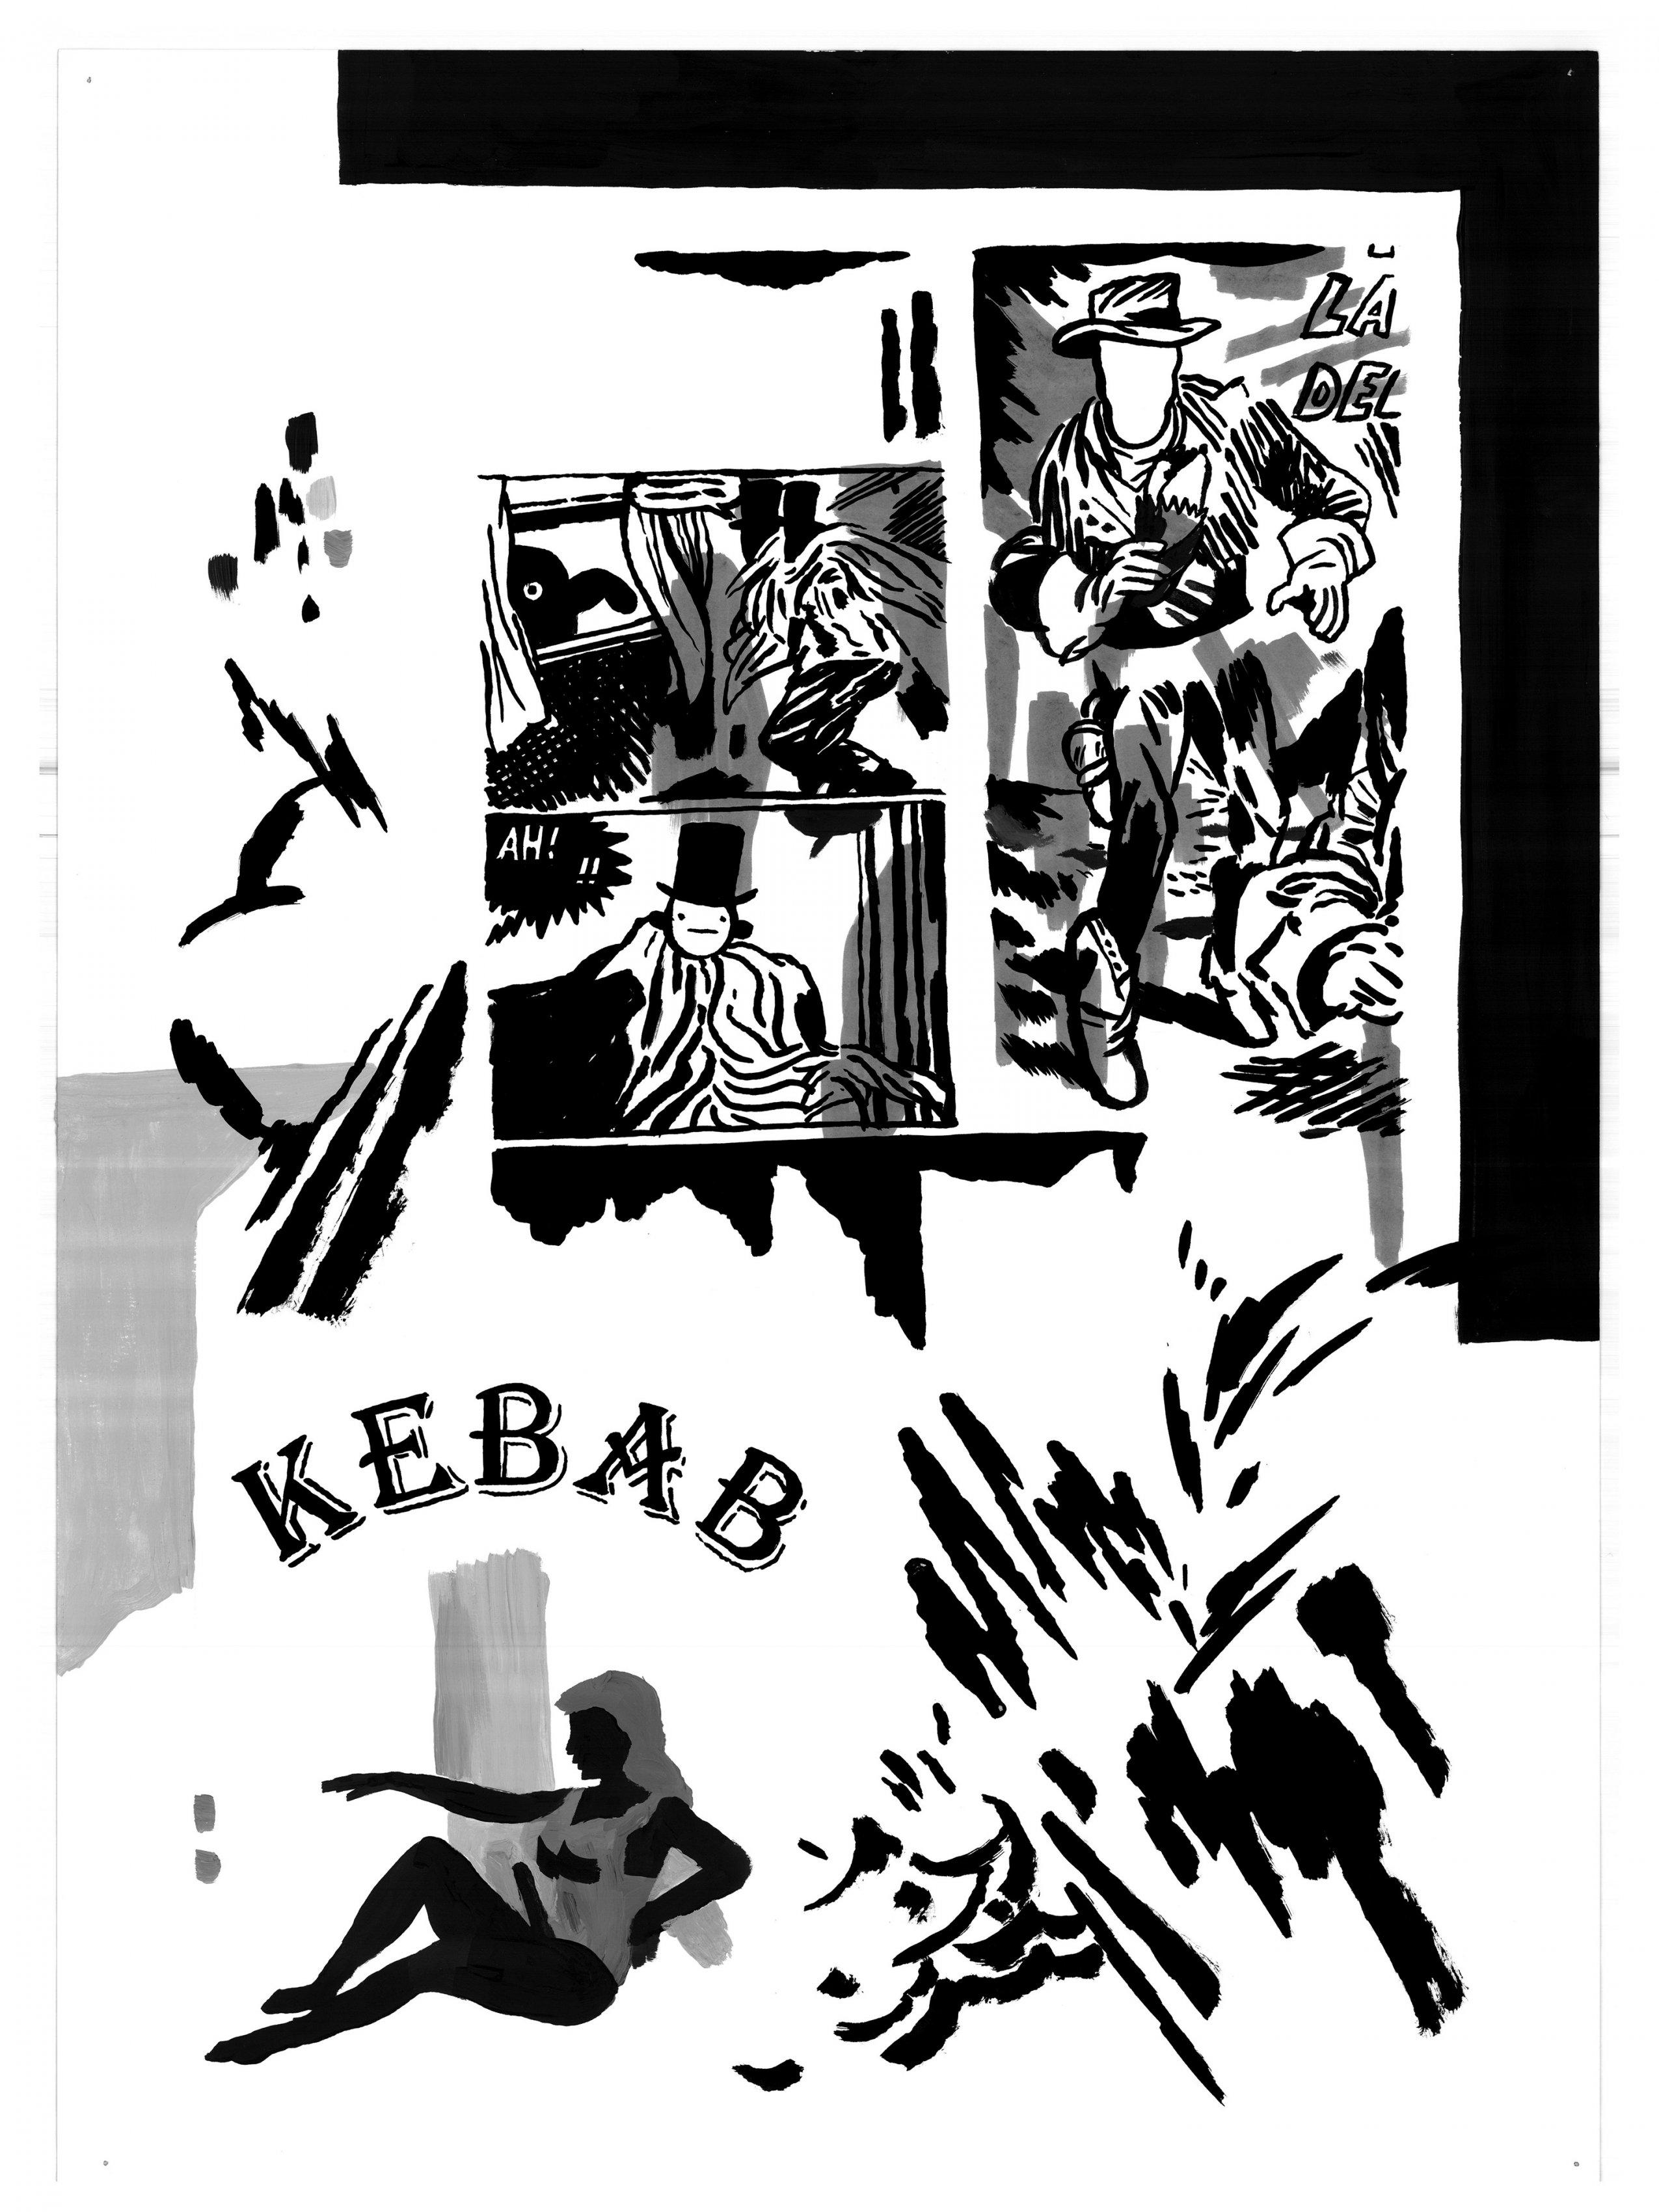 KEBAB (2016) - Martín López Lam